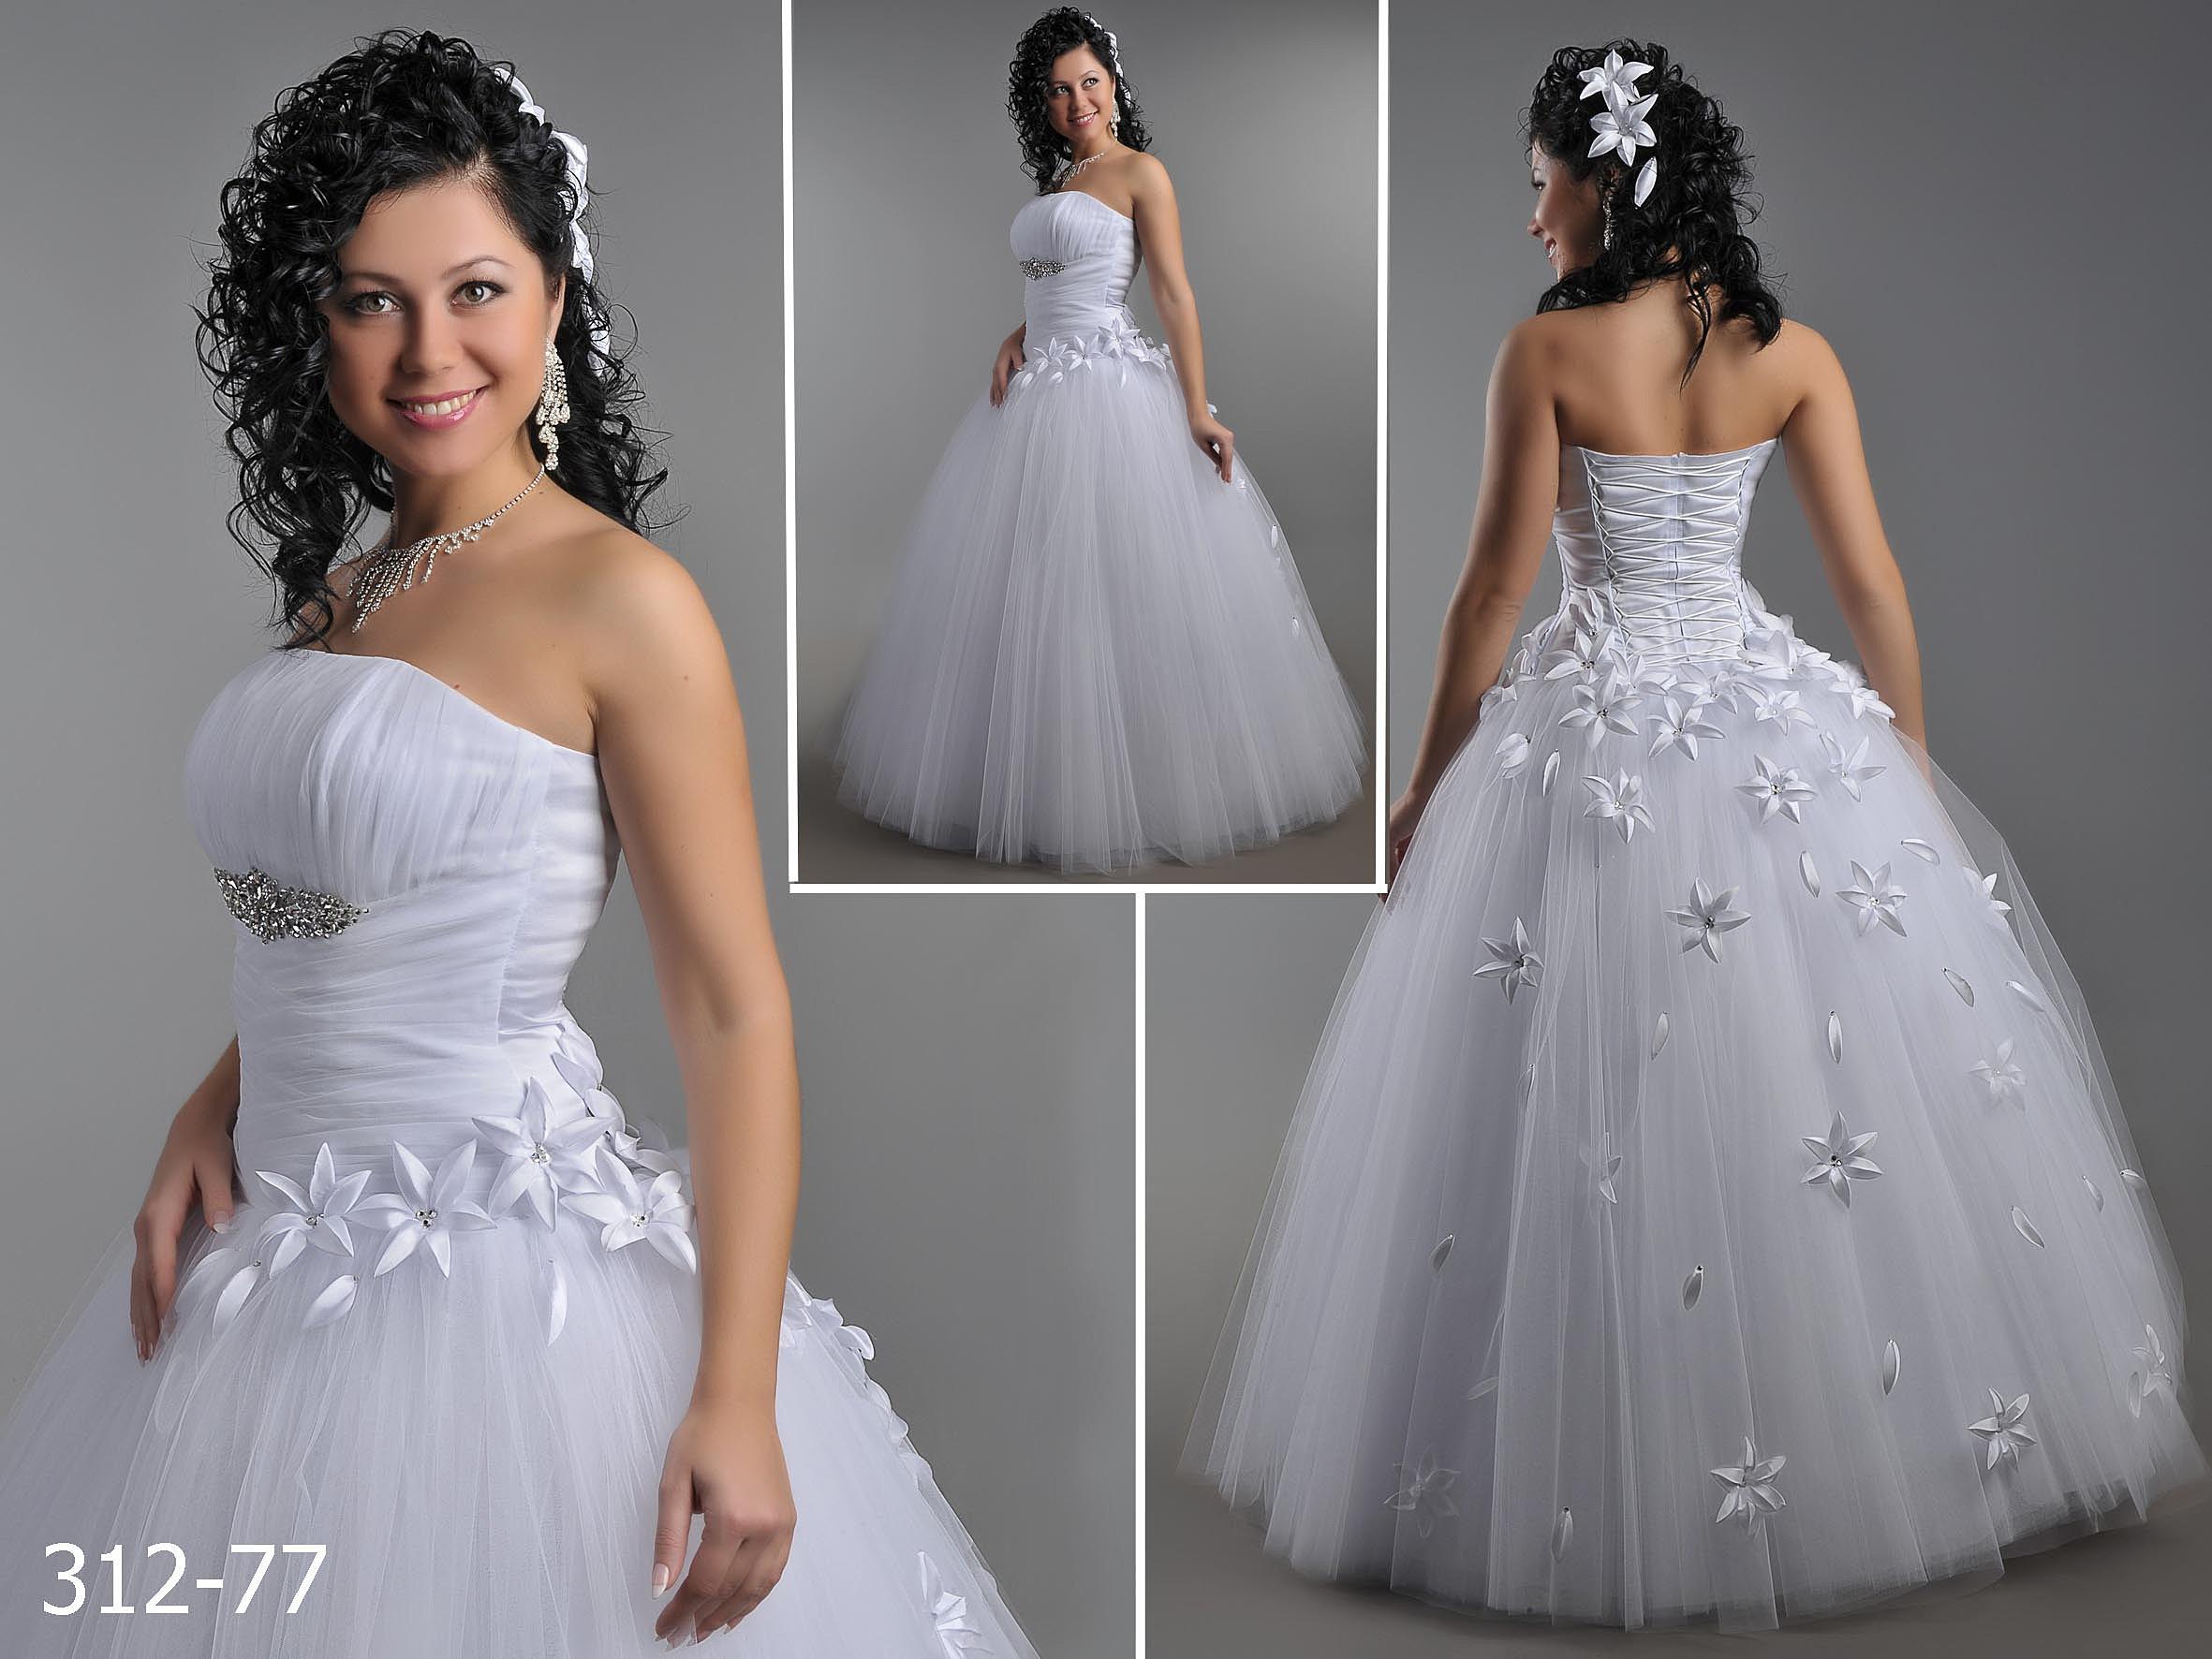 Можно сказать, что традиции выходить замуж в пышном платье уже много лет не только в странах снг, но и во всем мире